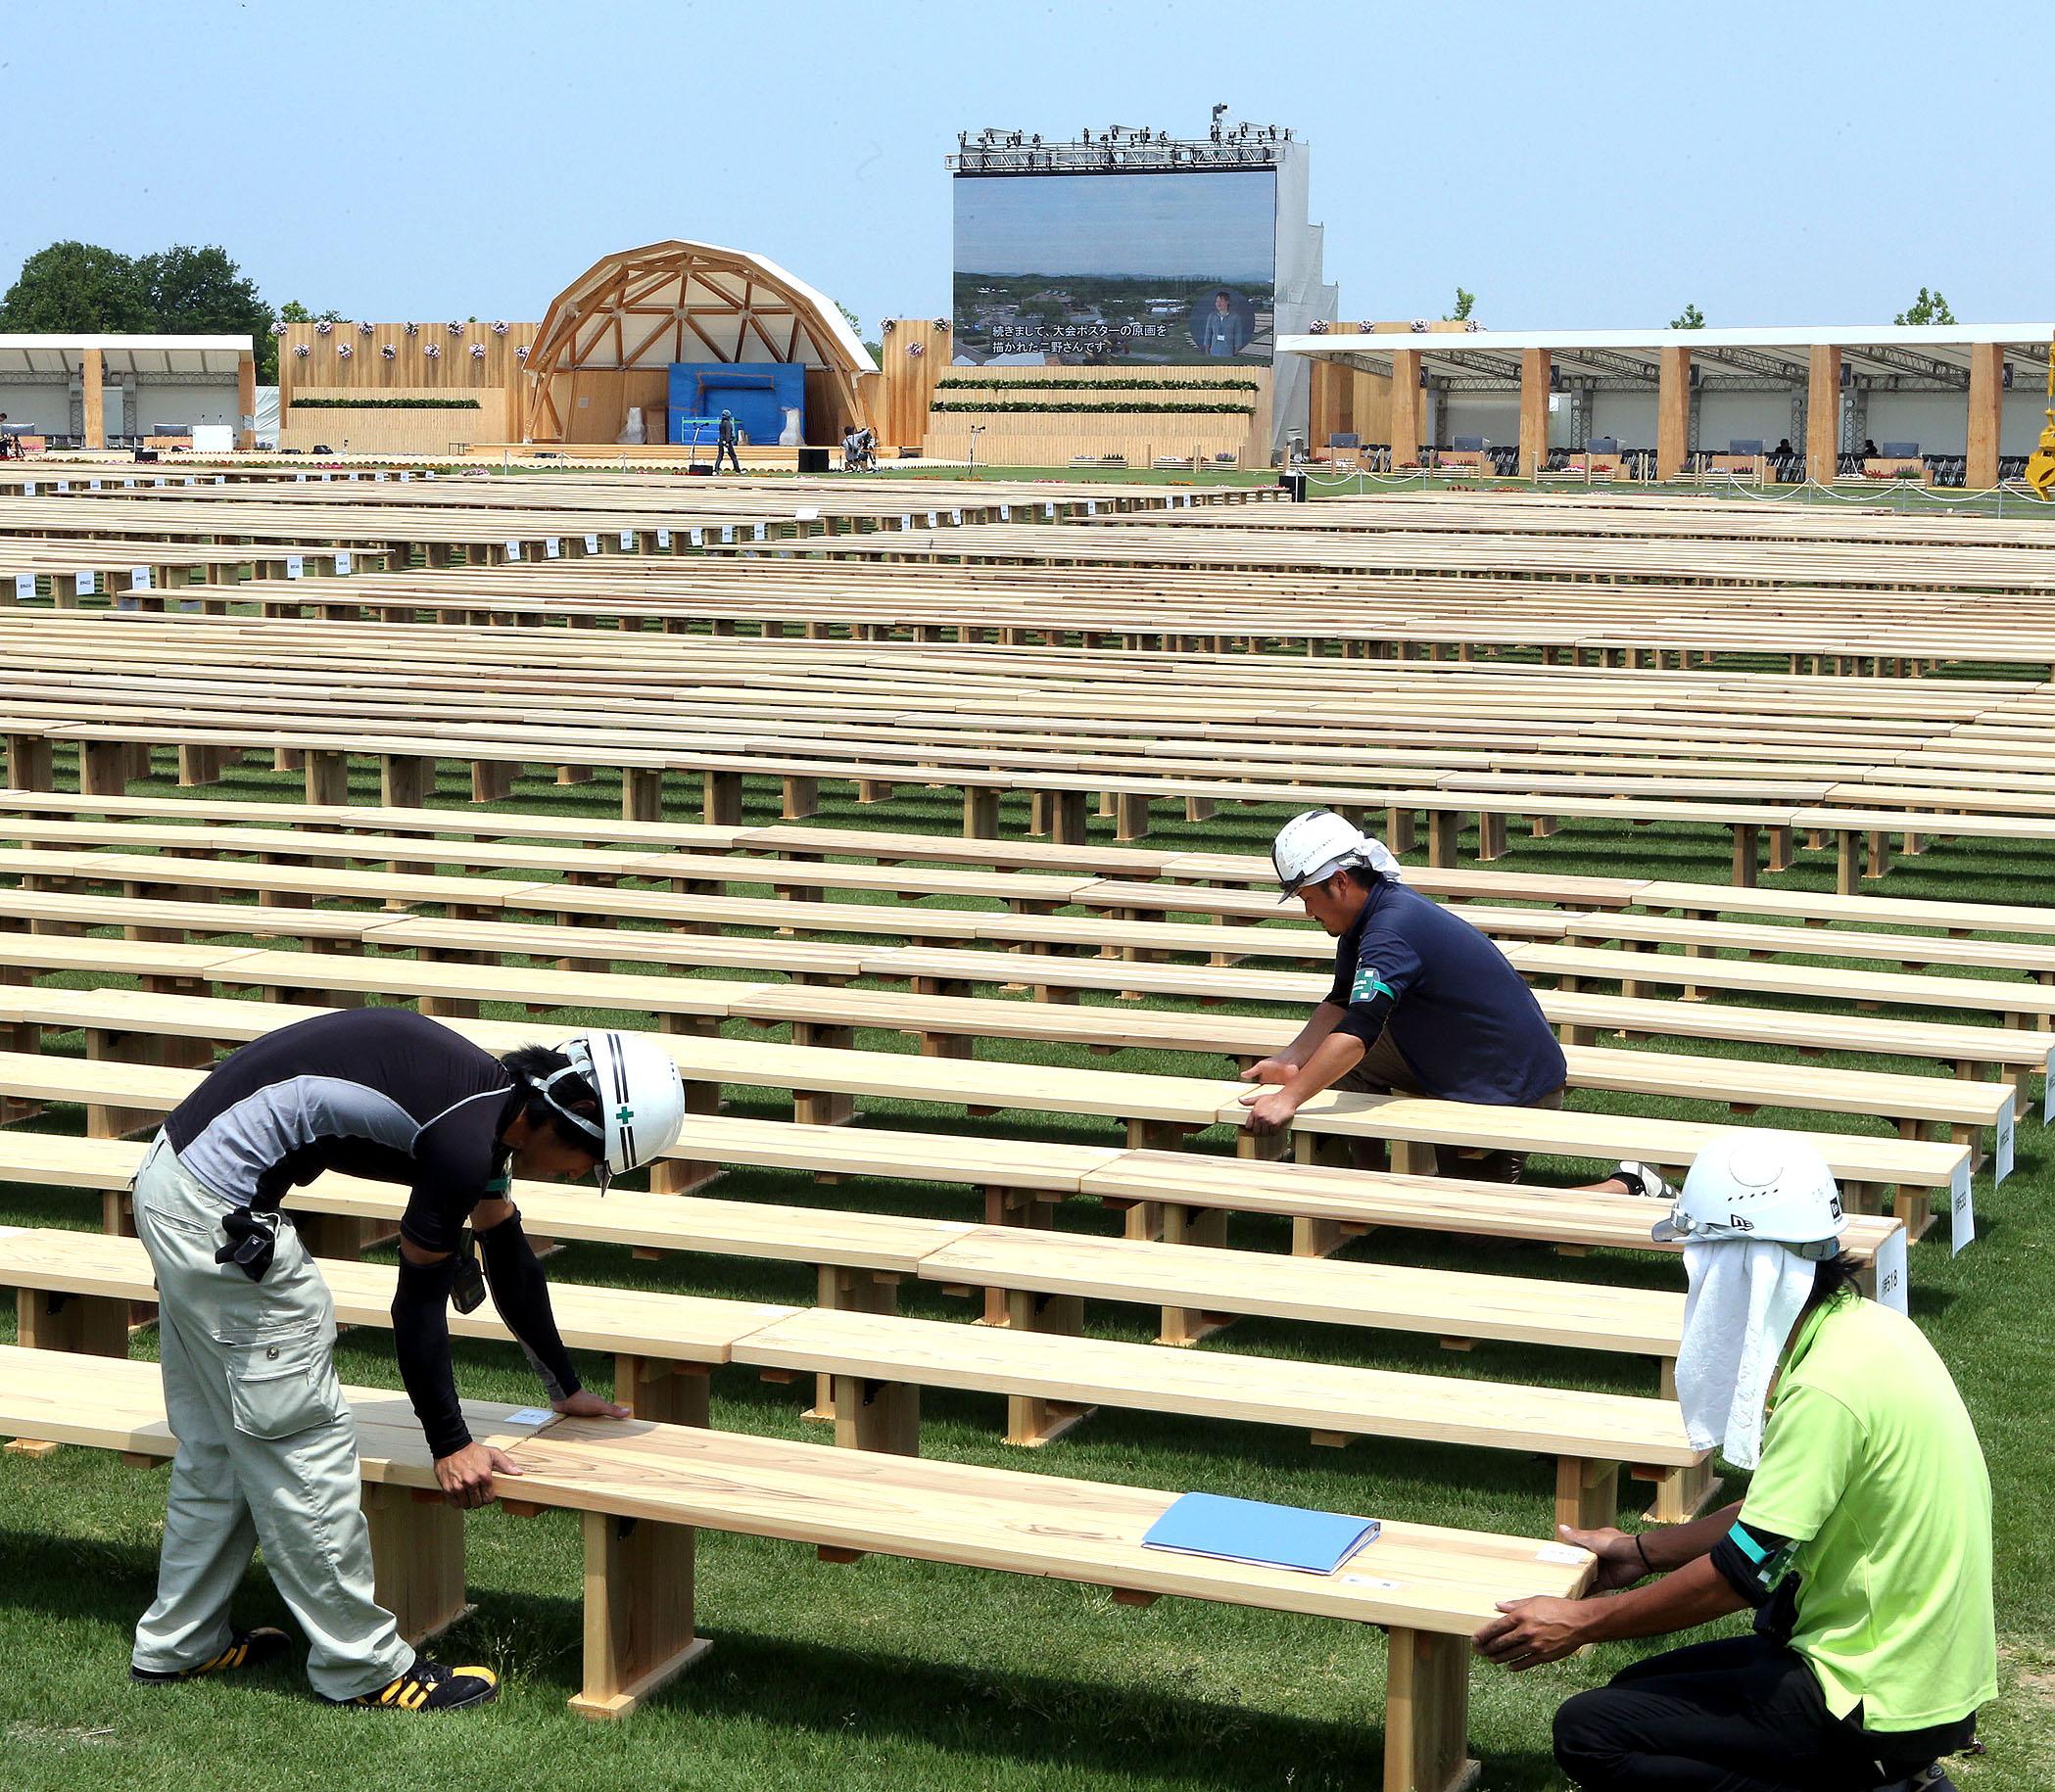 本番に向けて準備がほぼ完了した全国植樹祭の主会場=15日午前11時50分、小松市の木場潟公園